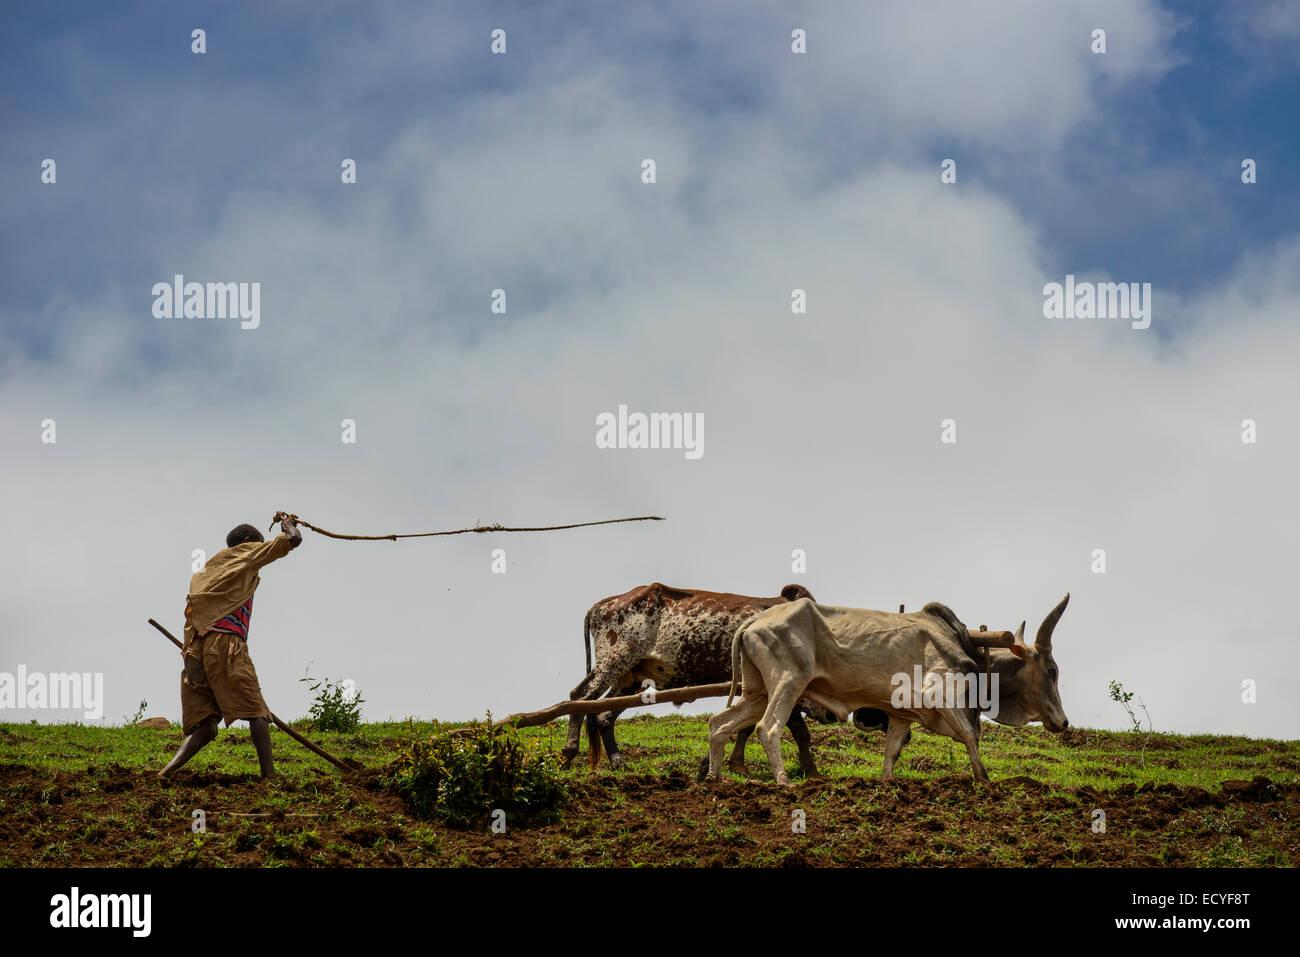 Ein Tigrayan Mann arbeitet in seinem Bereich, Simien Mountains, Äthiopien Stockbild